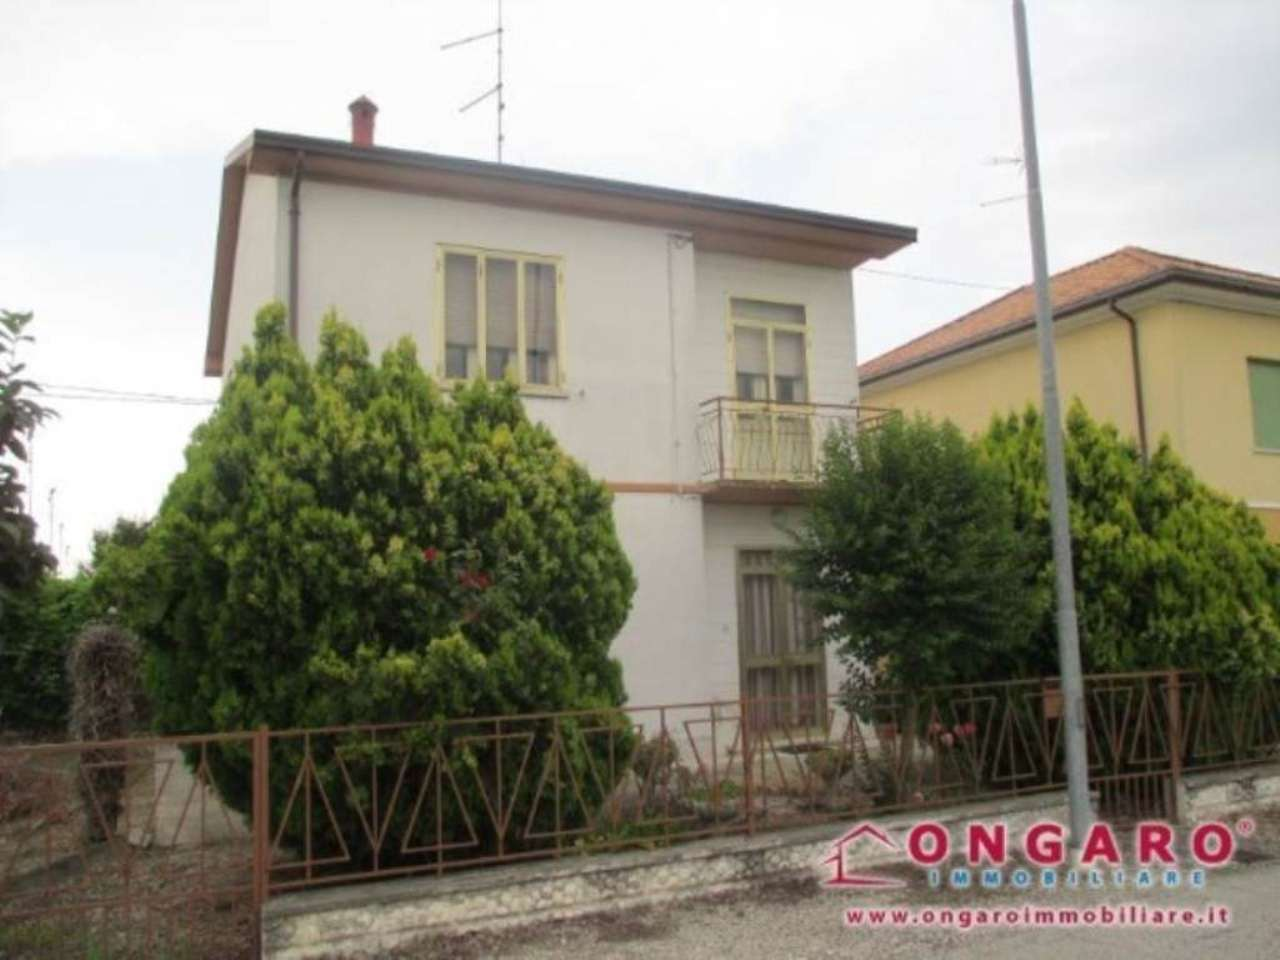 Villa in vendita a Copparo, 6 locali, prezzo € 65.000 | Cambio Casa.it